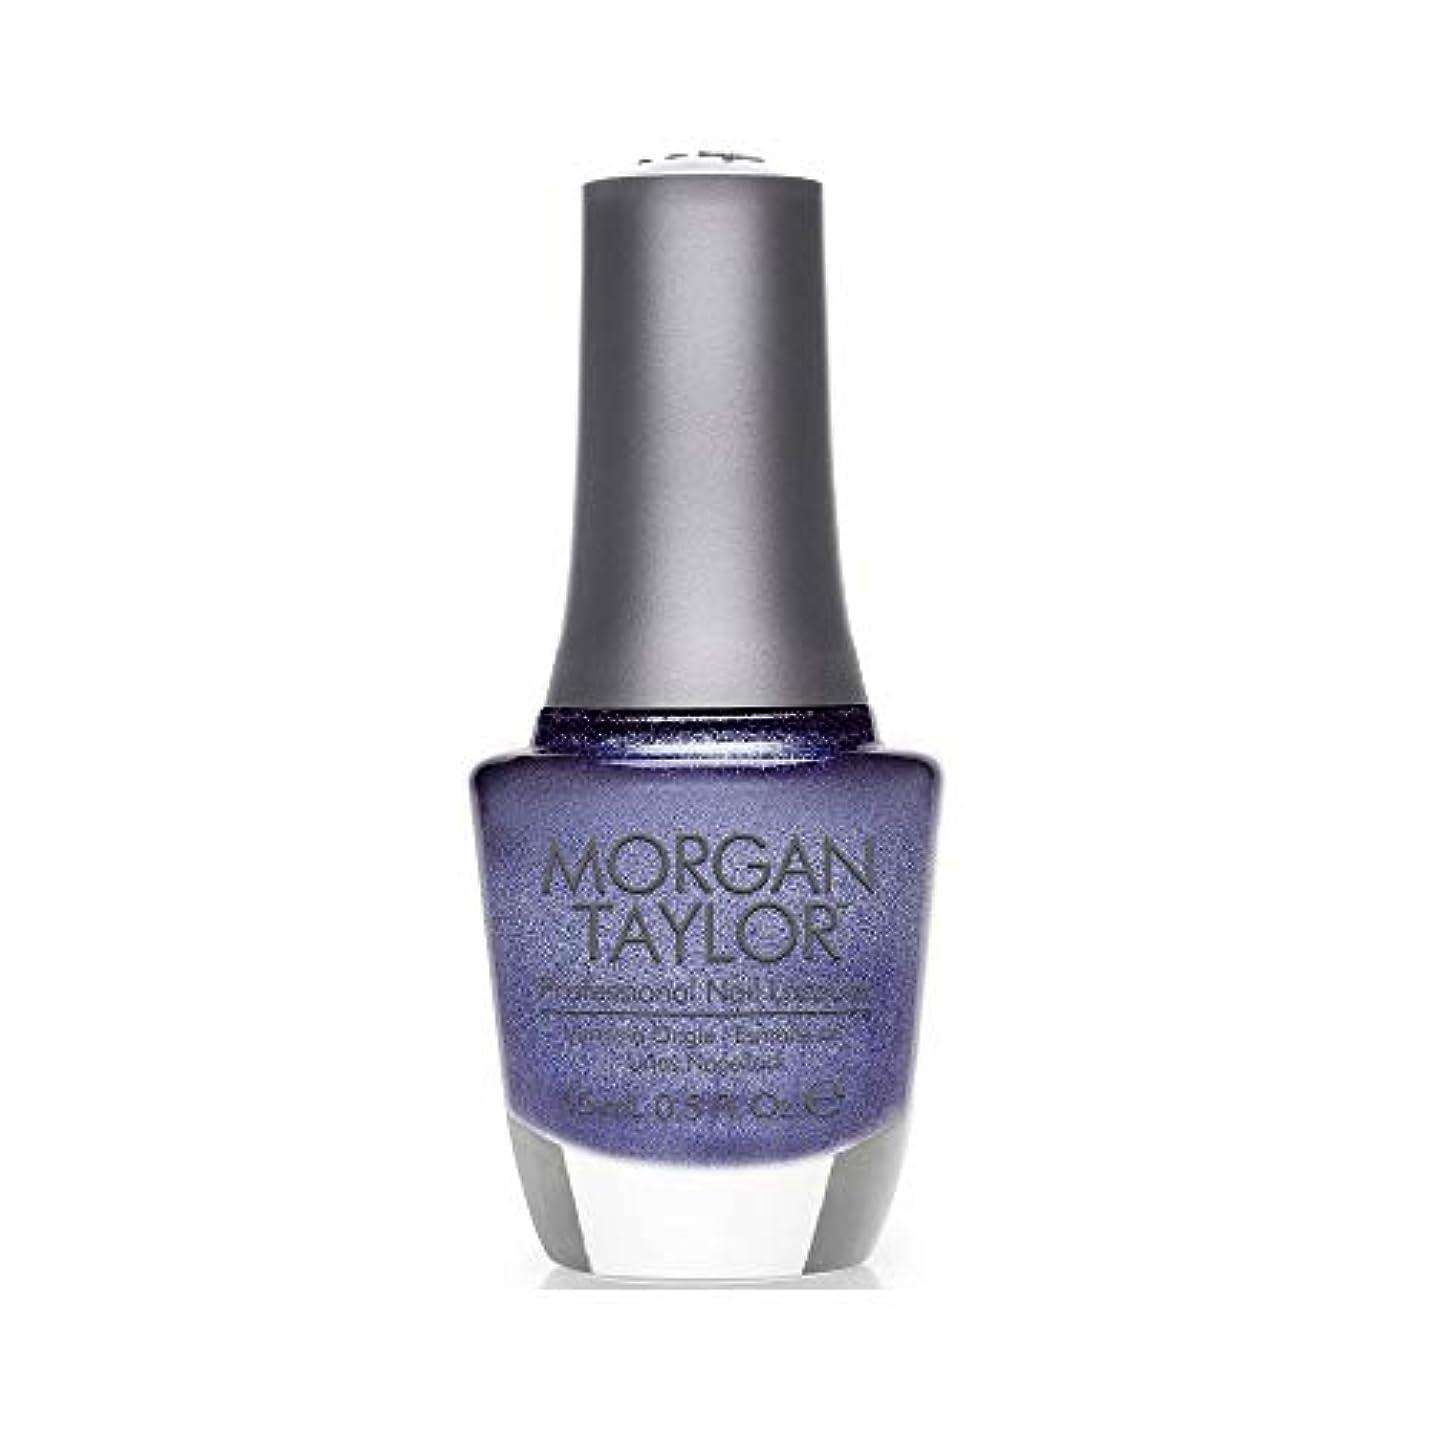 フォーク余剰飲み込むMorgan Taylor - Professional Nail Lacquer - Rhythm and Blues - 15 mL/0.5oz